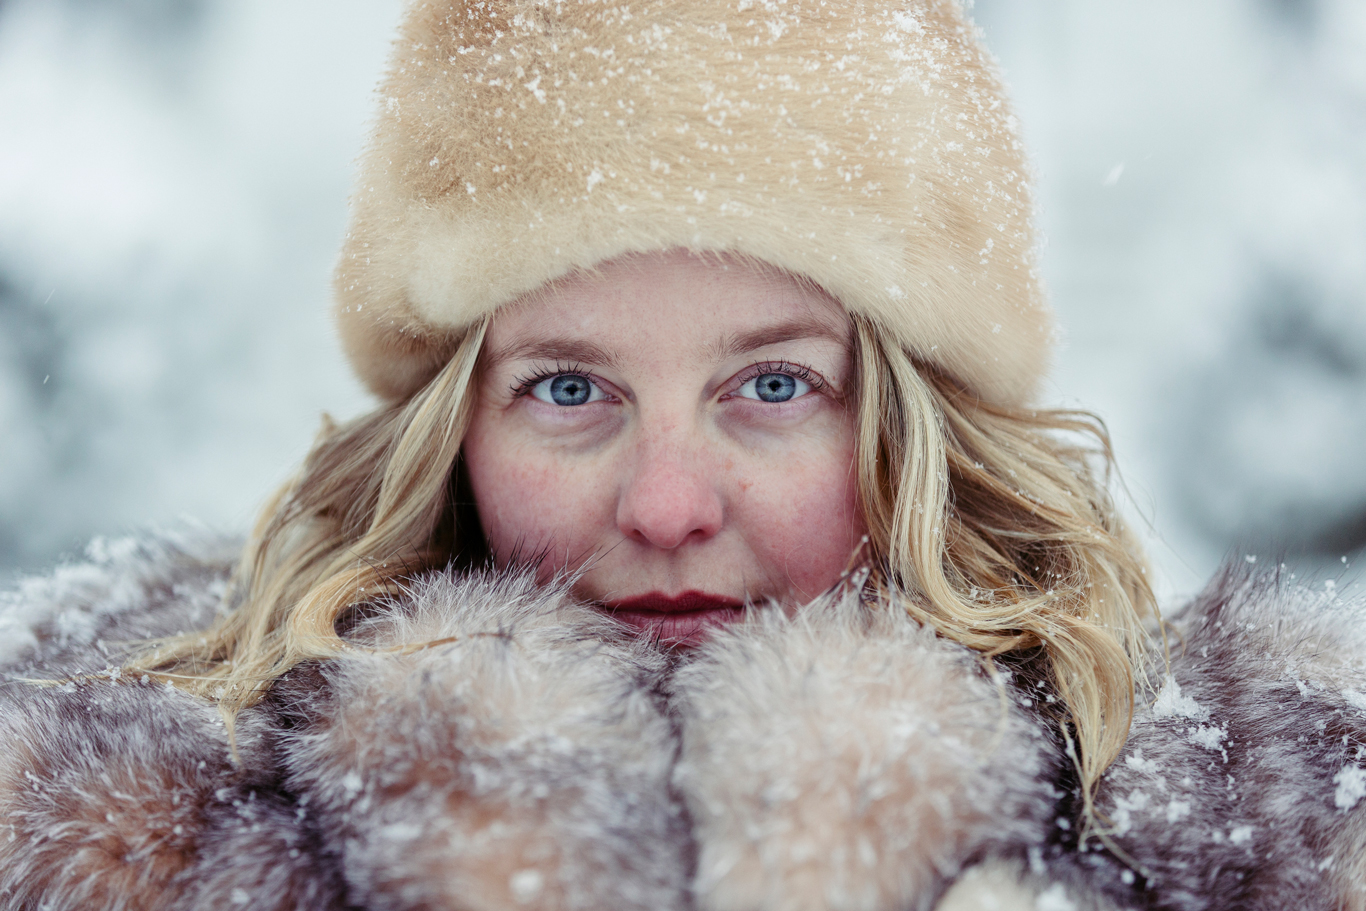 Kuinka suojaat ihosi talvella